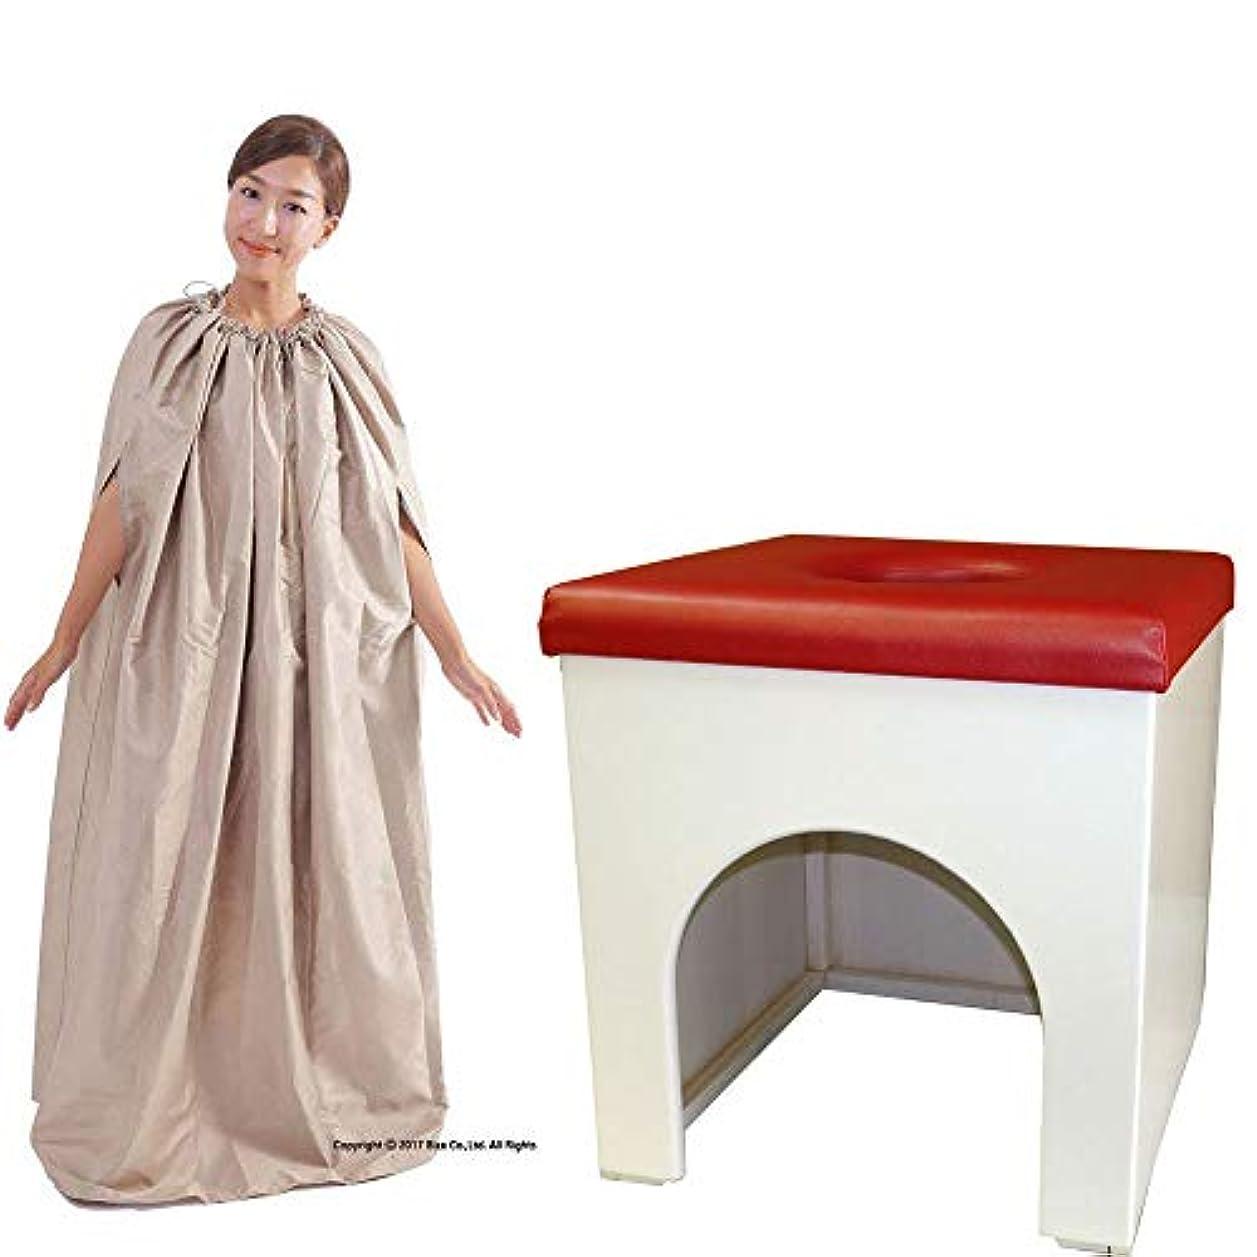 パイプラインゲートウェイ聖職者【WR】まる温よもぎ蒸し【白椅子(ワインレッドシート)セット】専用マント?薬草60回分?電気鍋【期待通りの満足感をお届けします!】/爽やかなホワイトカラーで、人体に無害な塗装仕上げで通常の椅子より長持ちします! (ベージュ)